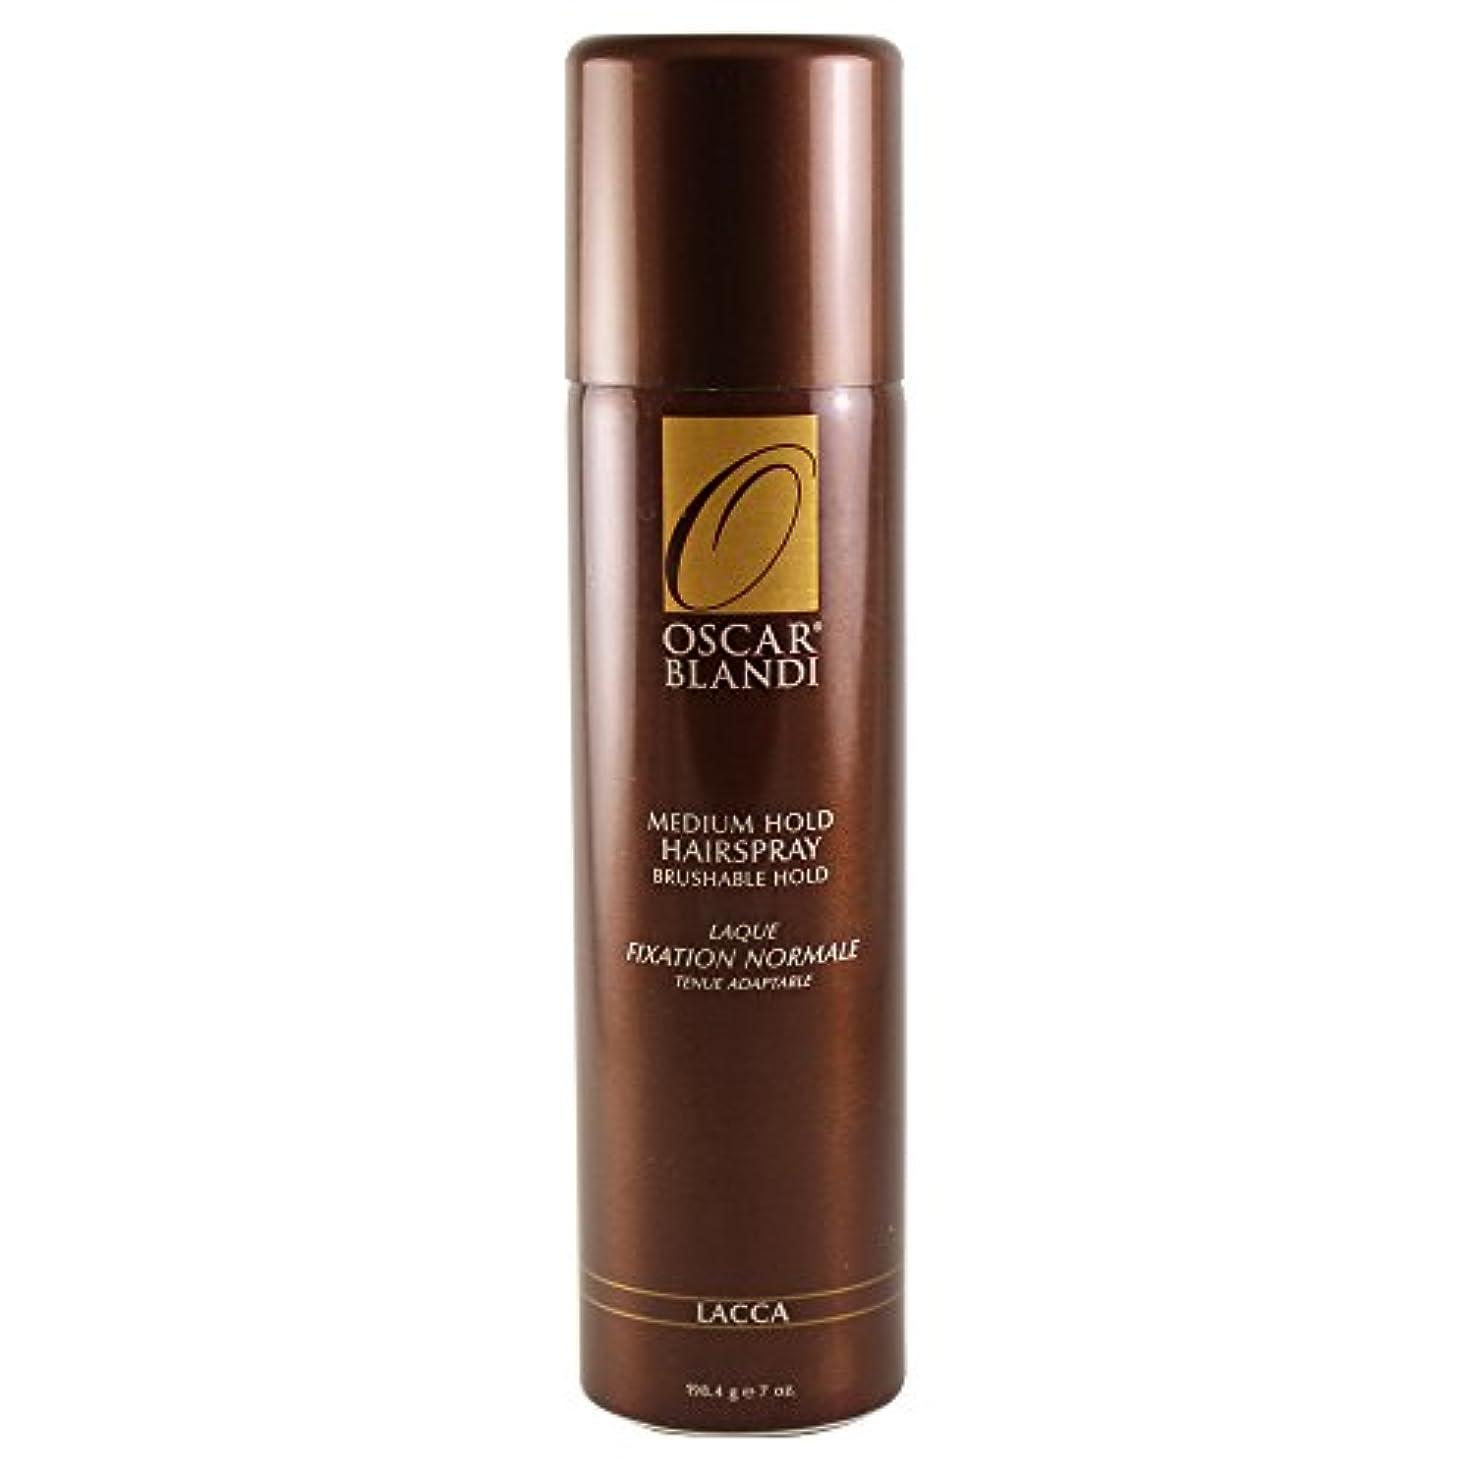 動かす遊びます意味のあるOscar Blandi Lacca Medium Hold Hairspray - 7 Oz. (並行輸入品)